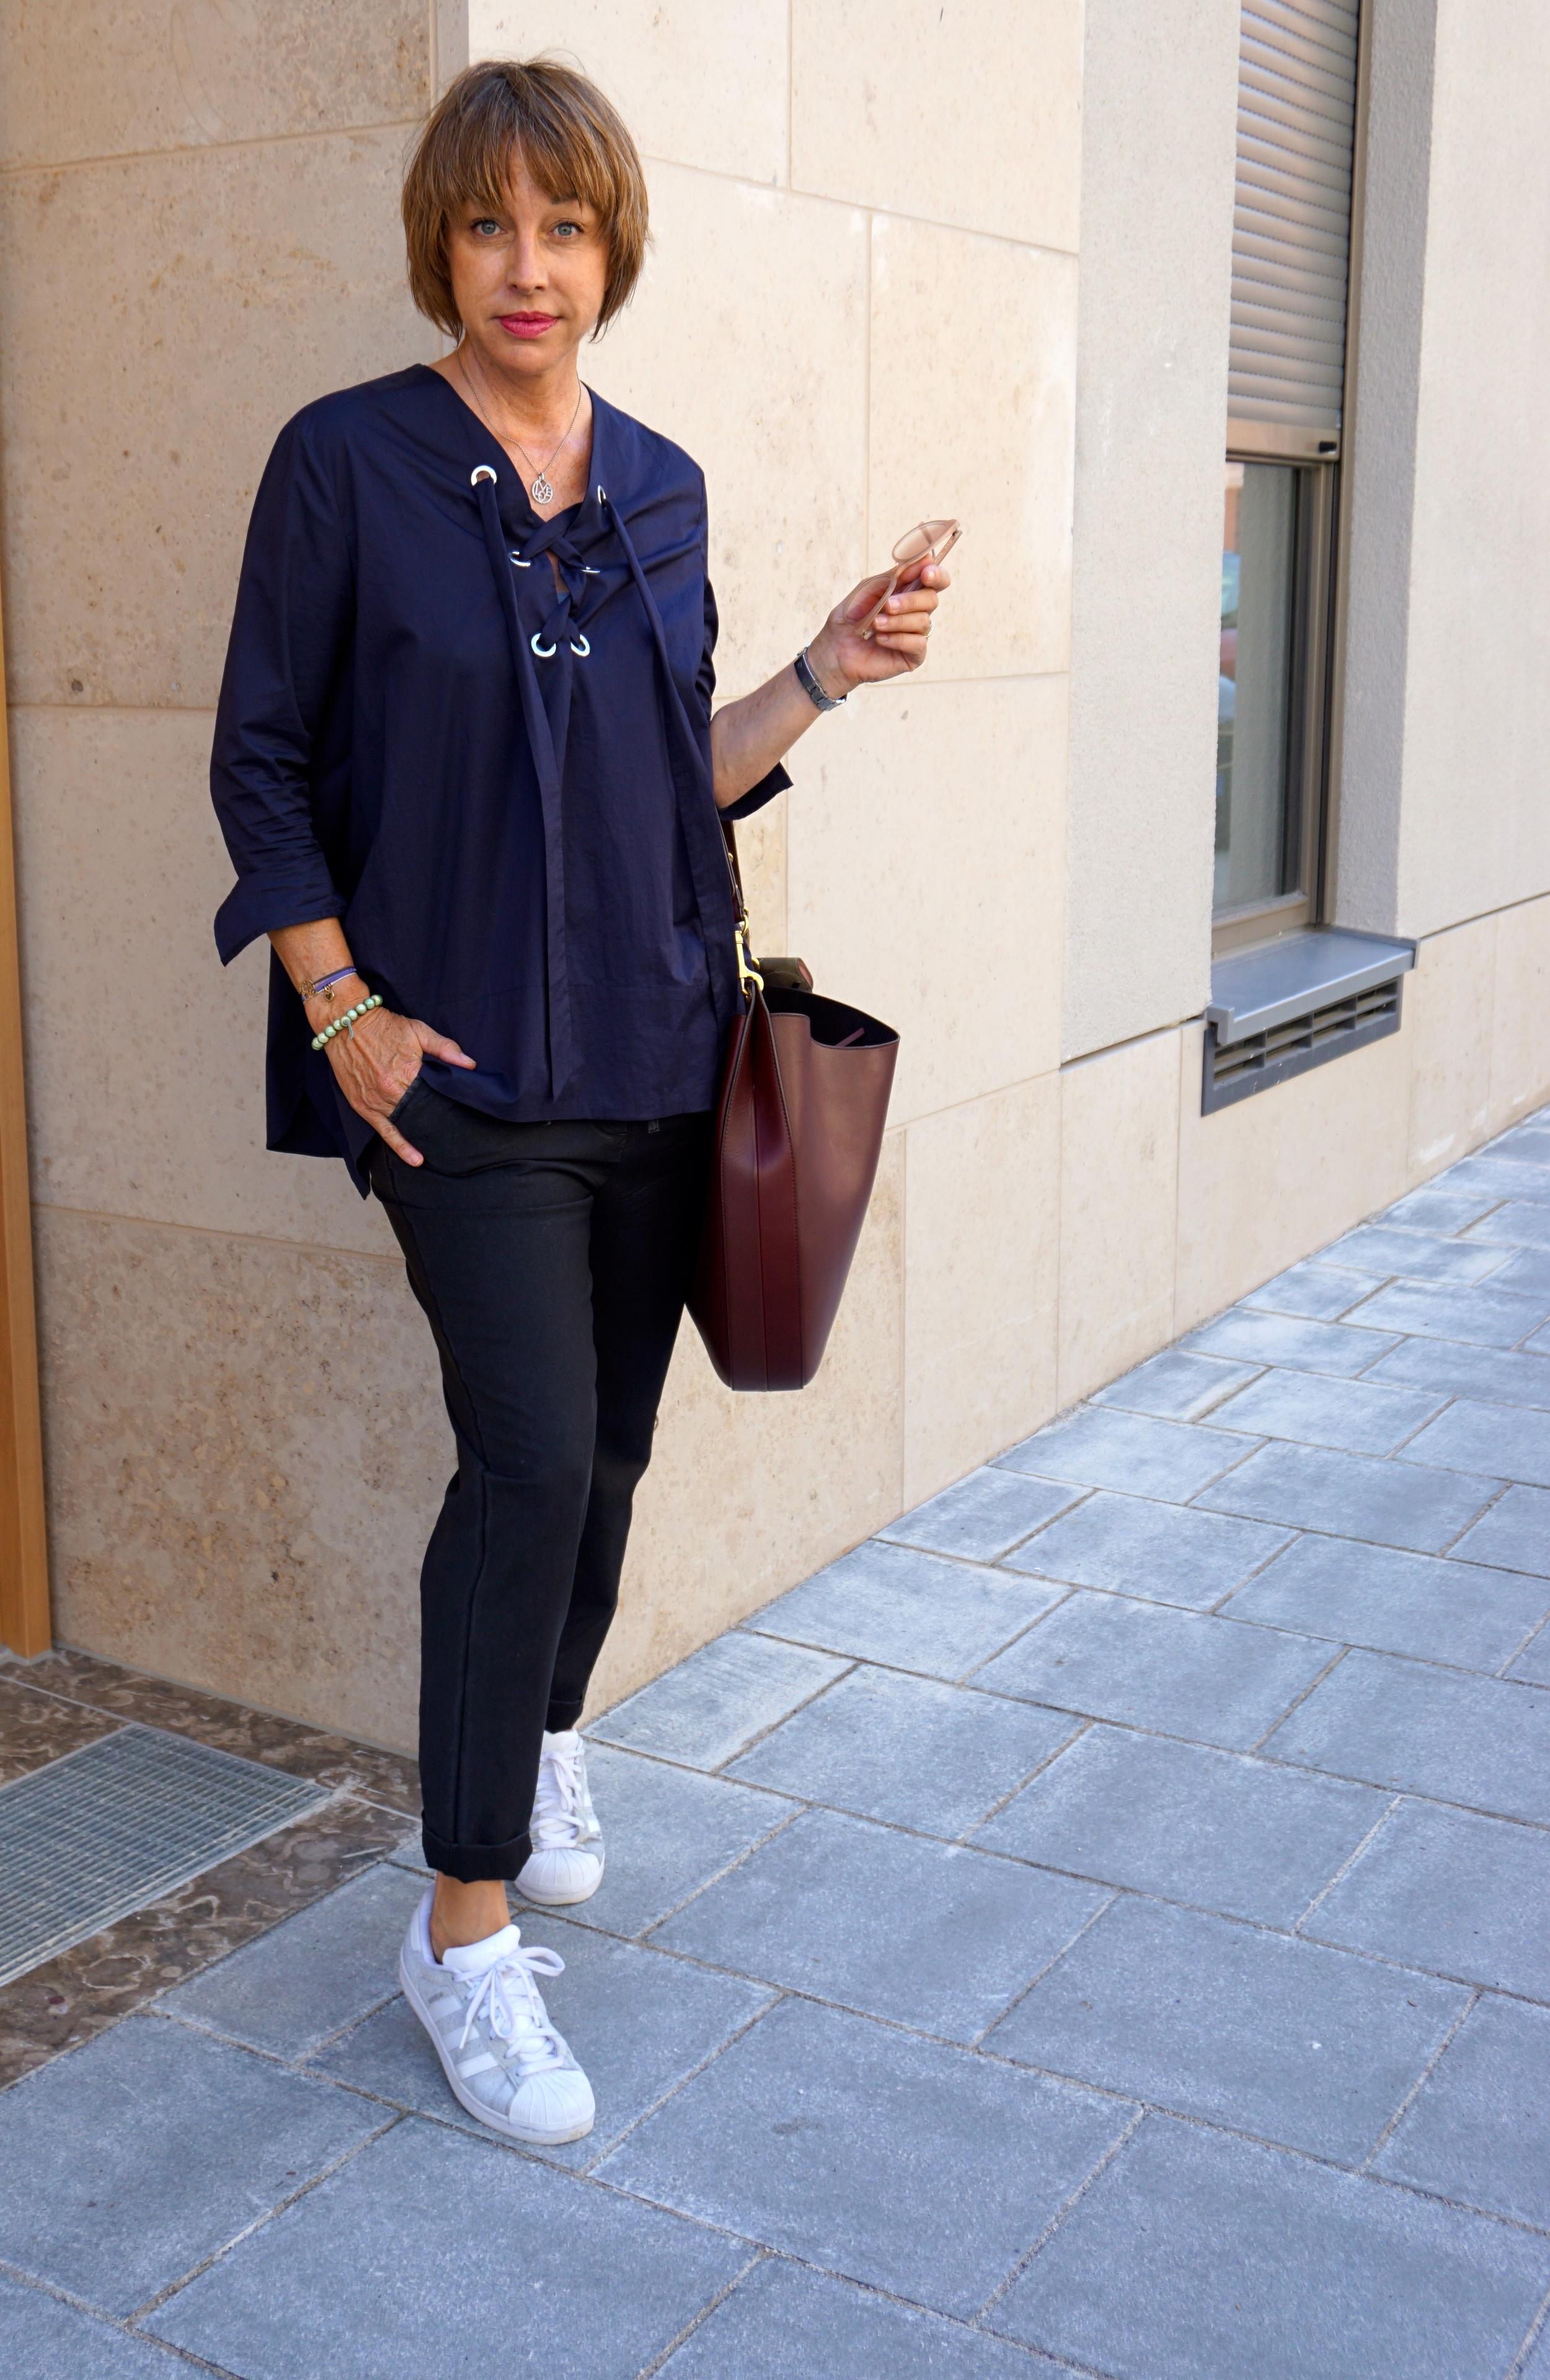 Bluse: Zara, Hose Myths, Tasche: Celine, Tuch: Sarti, Schuhe: Adidas